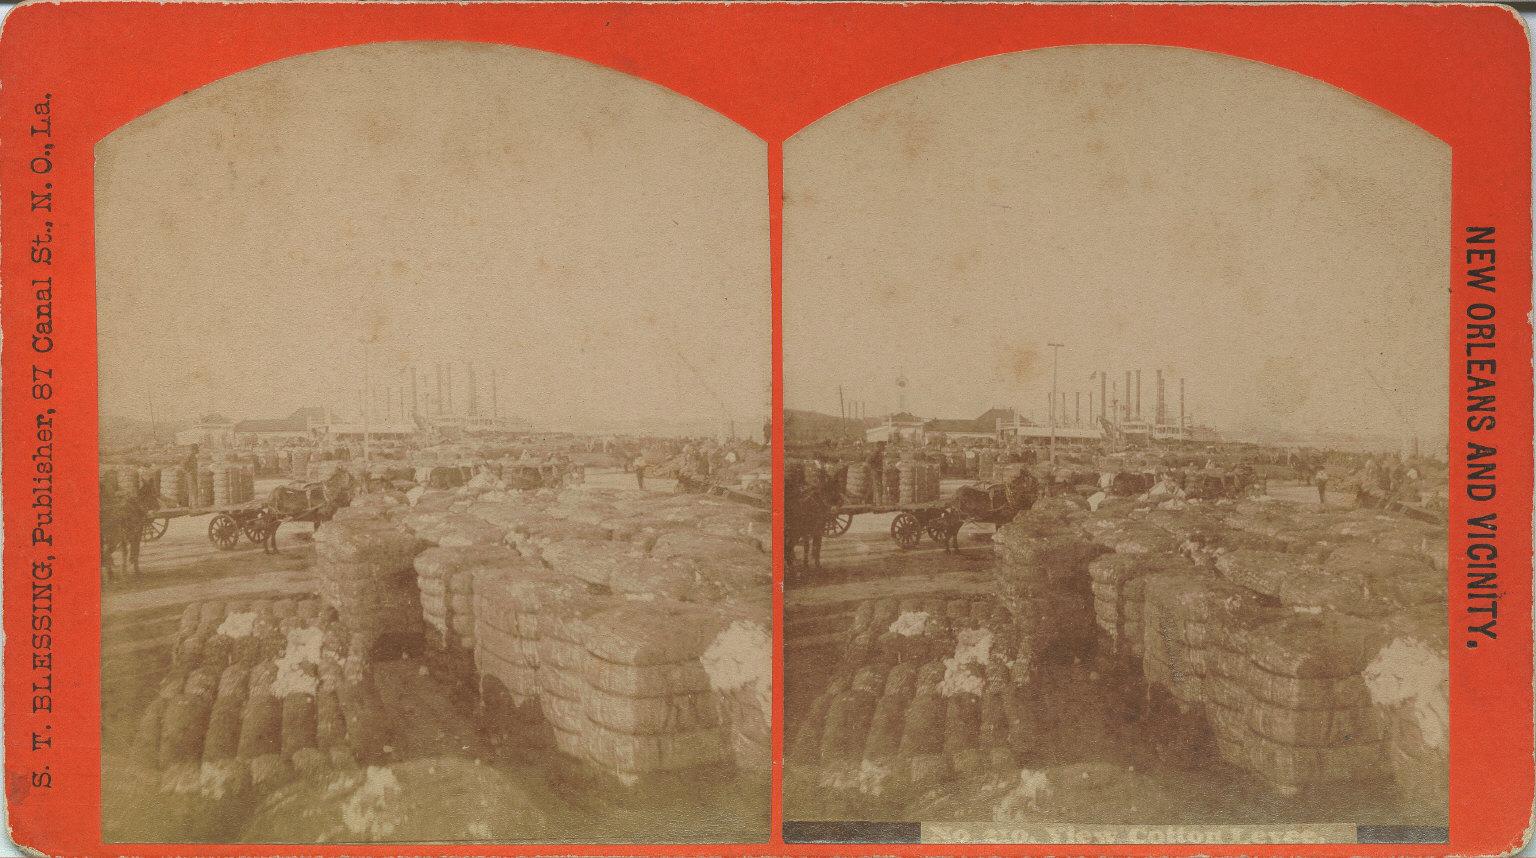 View cotton levee